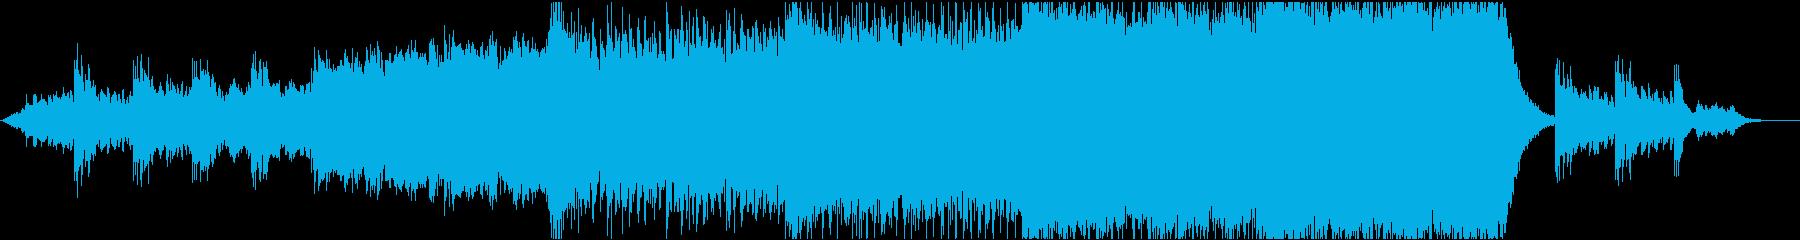 開放感たっぷり 壮大 シネマチックポップの再生済みの波形